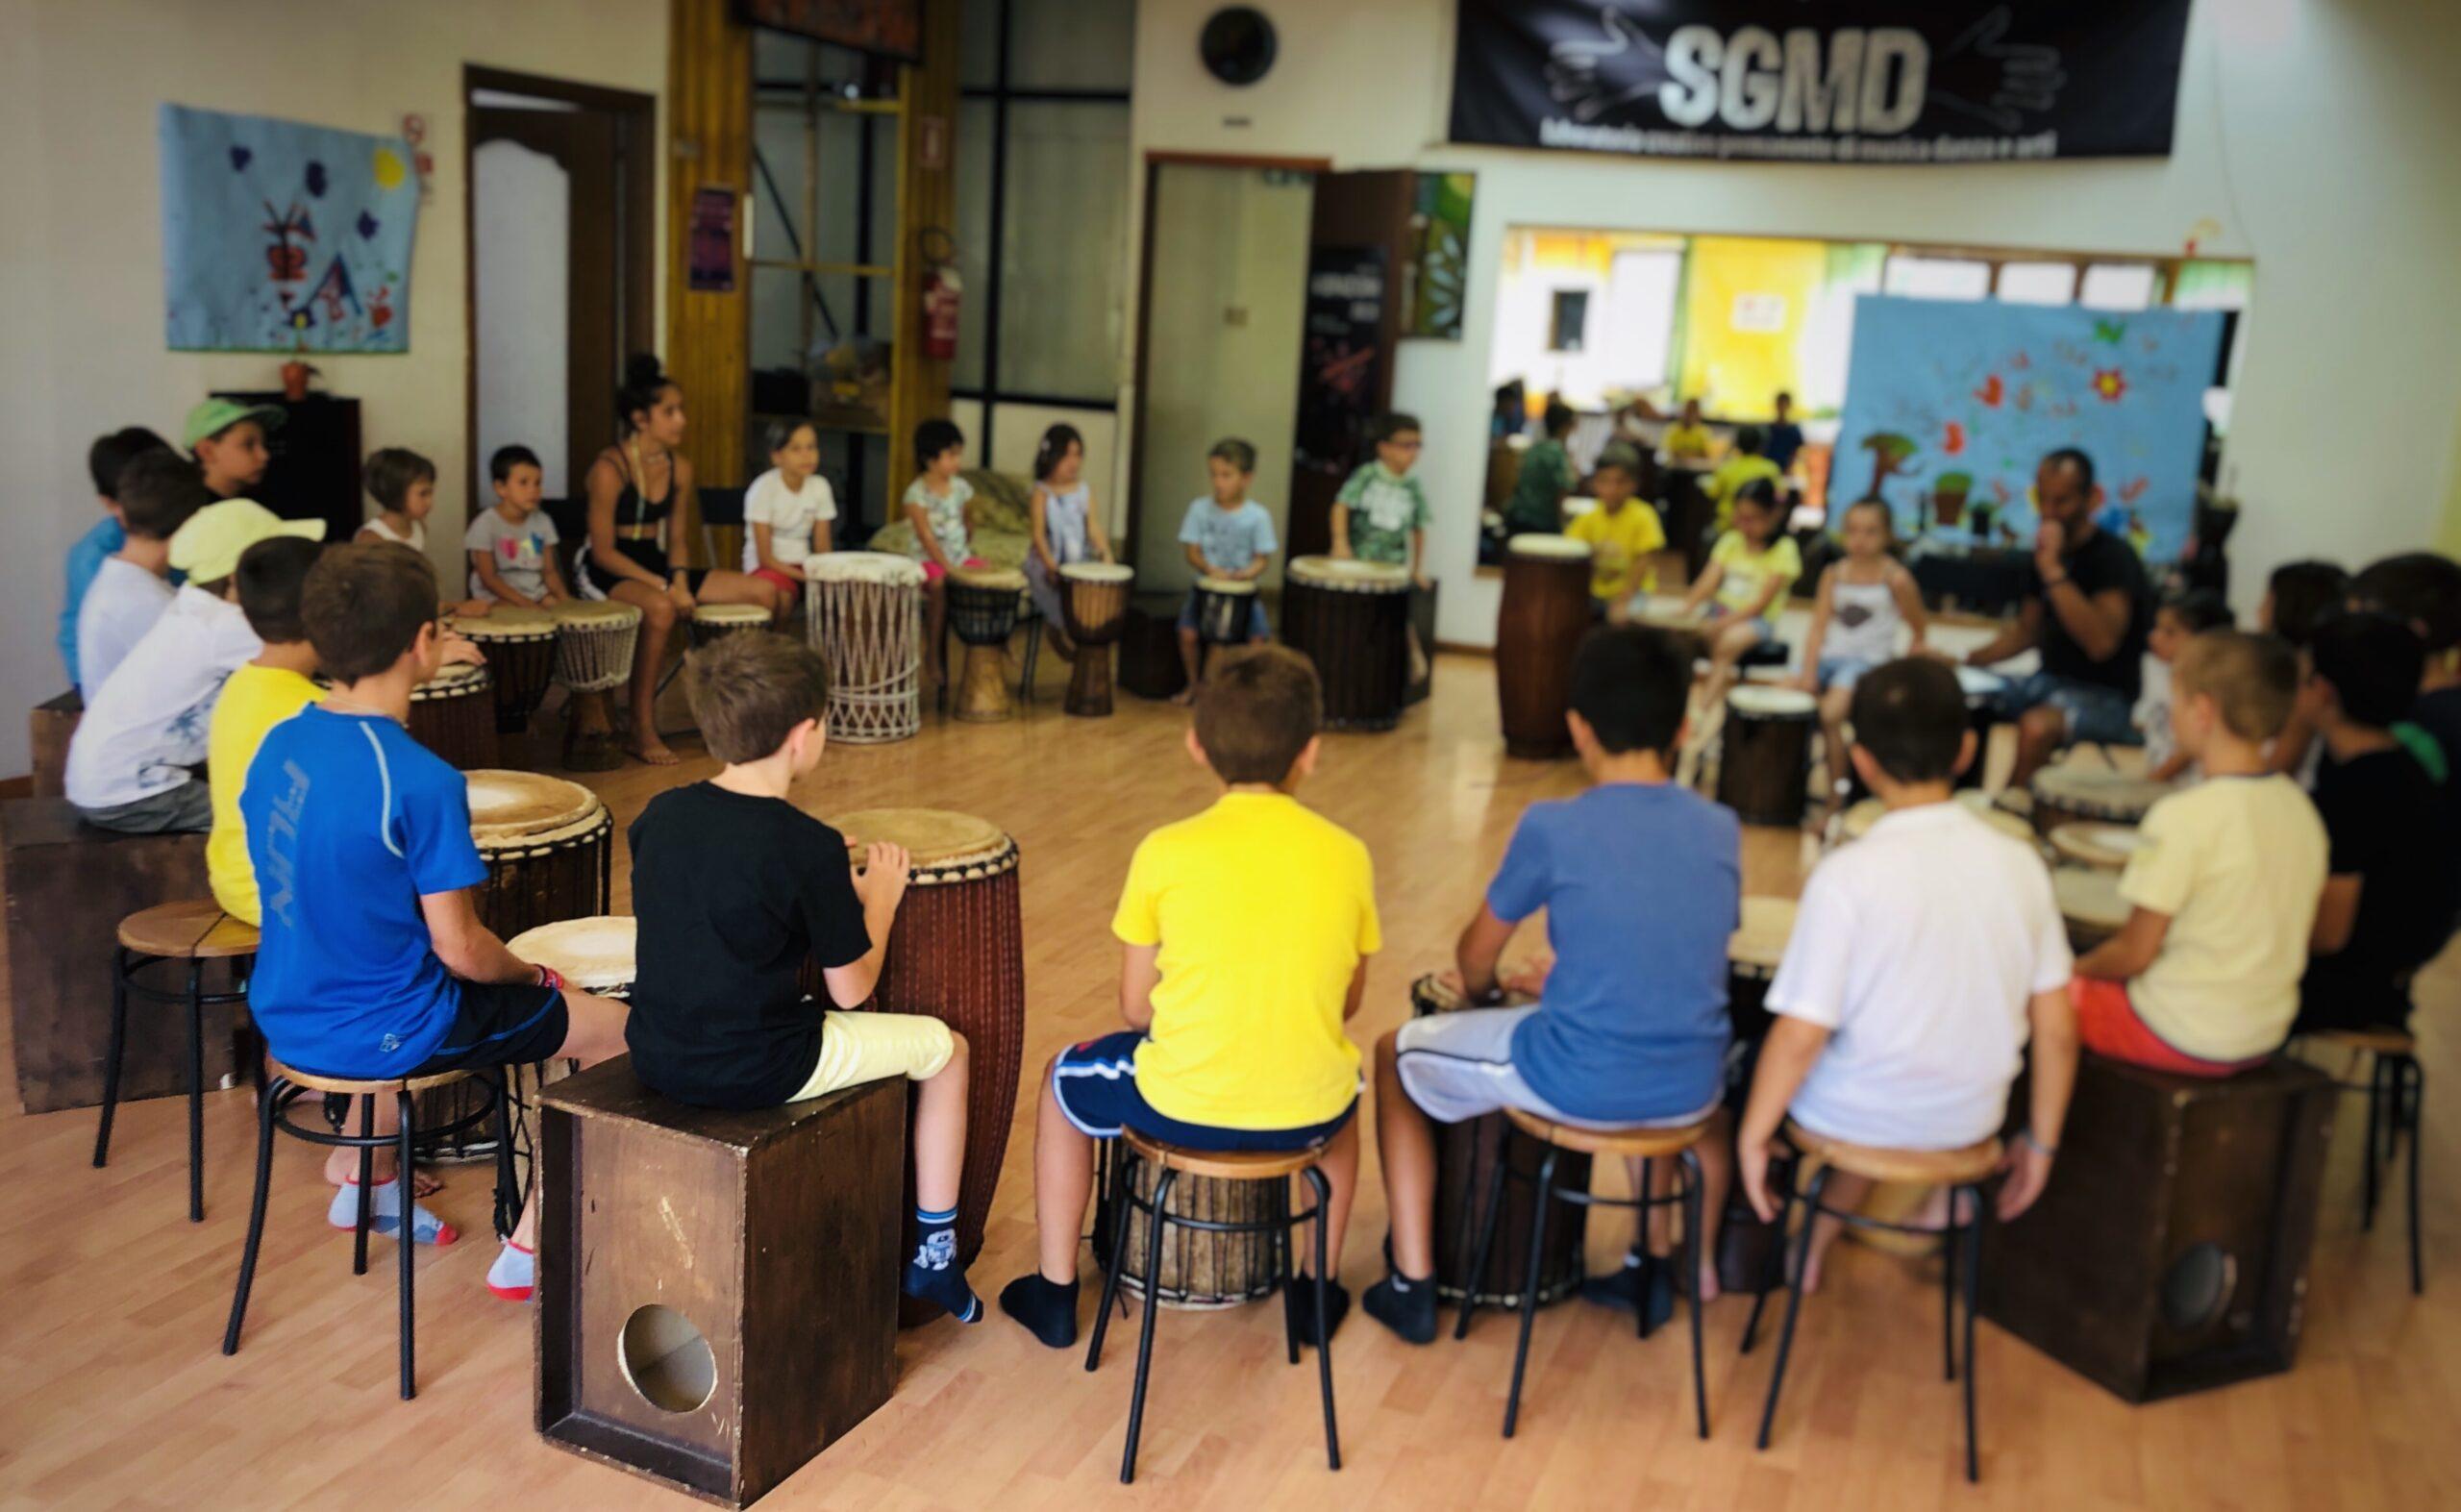 Da lunedì 28 settembre riprendono le lezioni!